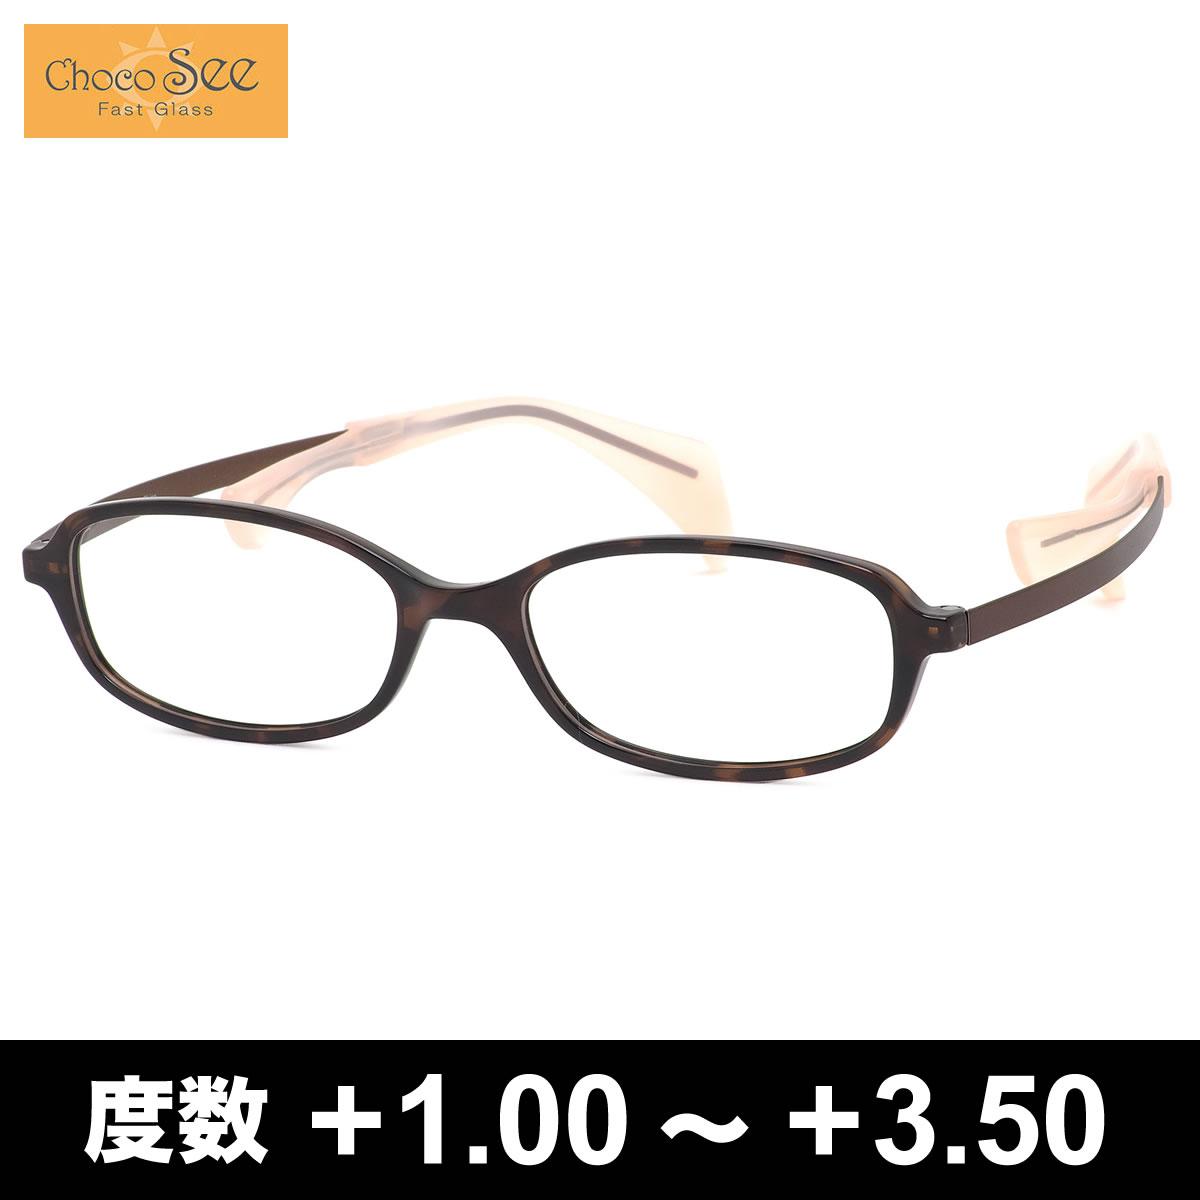 ほぼ全品ポイント15倍〜最大43倍!お得なクーポンも! ちょこシー スマート老眼鏡 +1.00〜+3.50 非球面 紫外線カットブルーライトカット ChocoSee FG24503 DB 50サイズ  鼻に跡がつかないメガネ チョコシー ちょこしー ベータチタン リーディンググラス [OS]